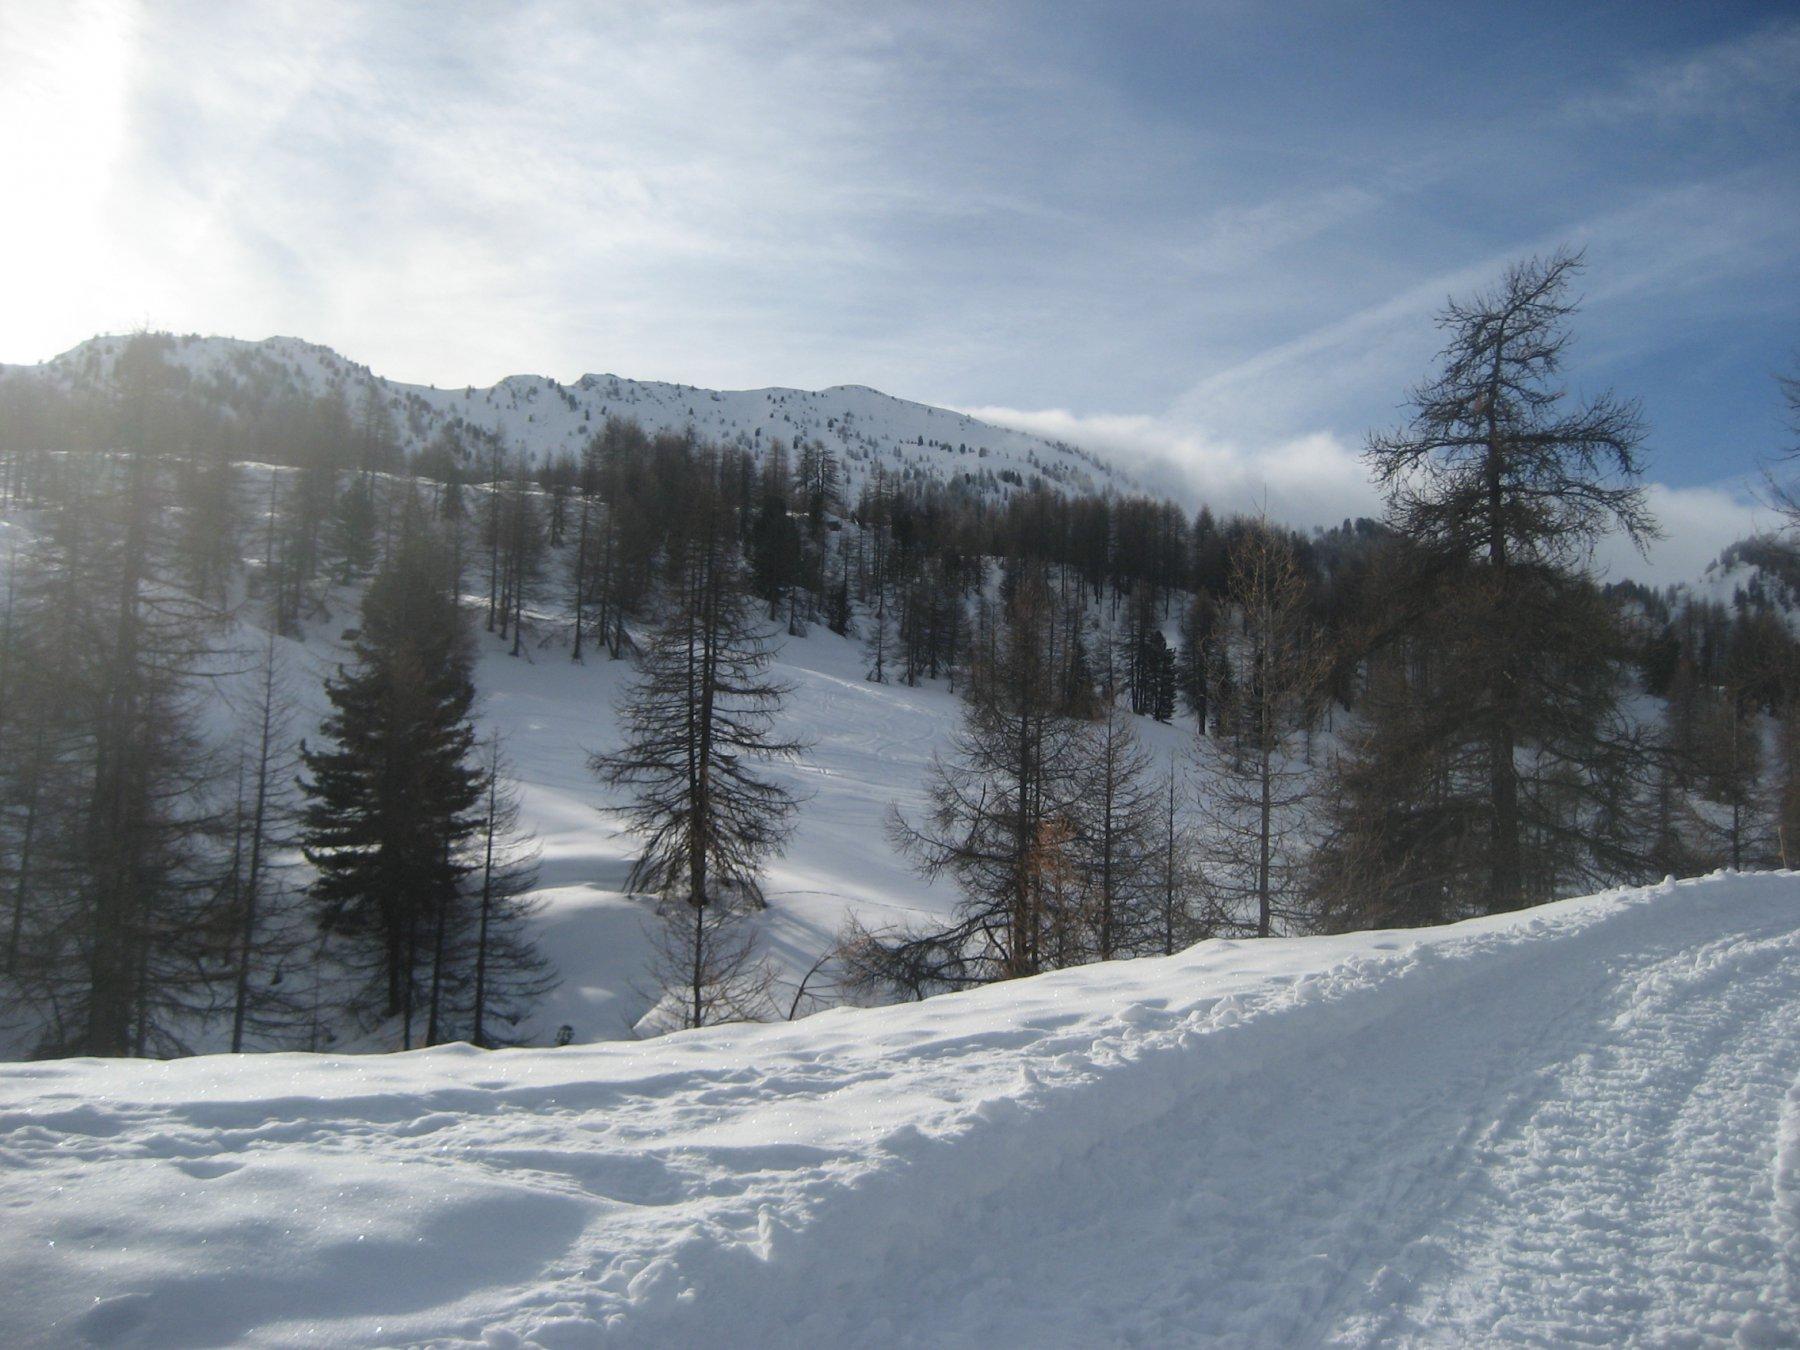 La strada arata dai cingolati dell'esercito, con la cima che e` circondata dalla nebbia